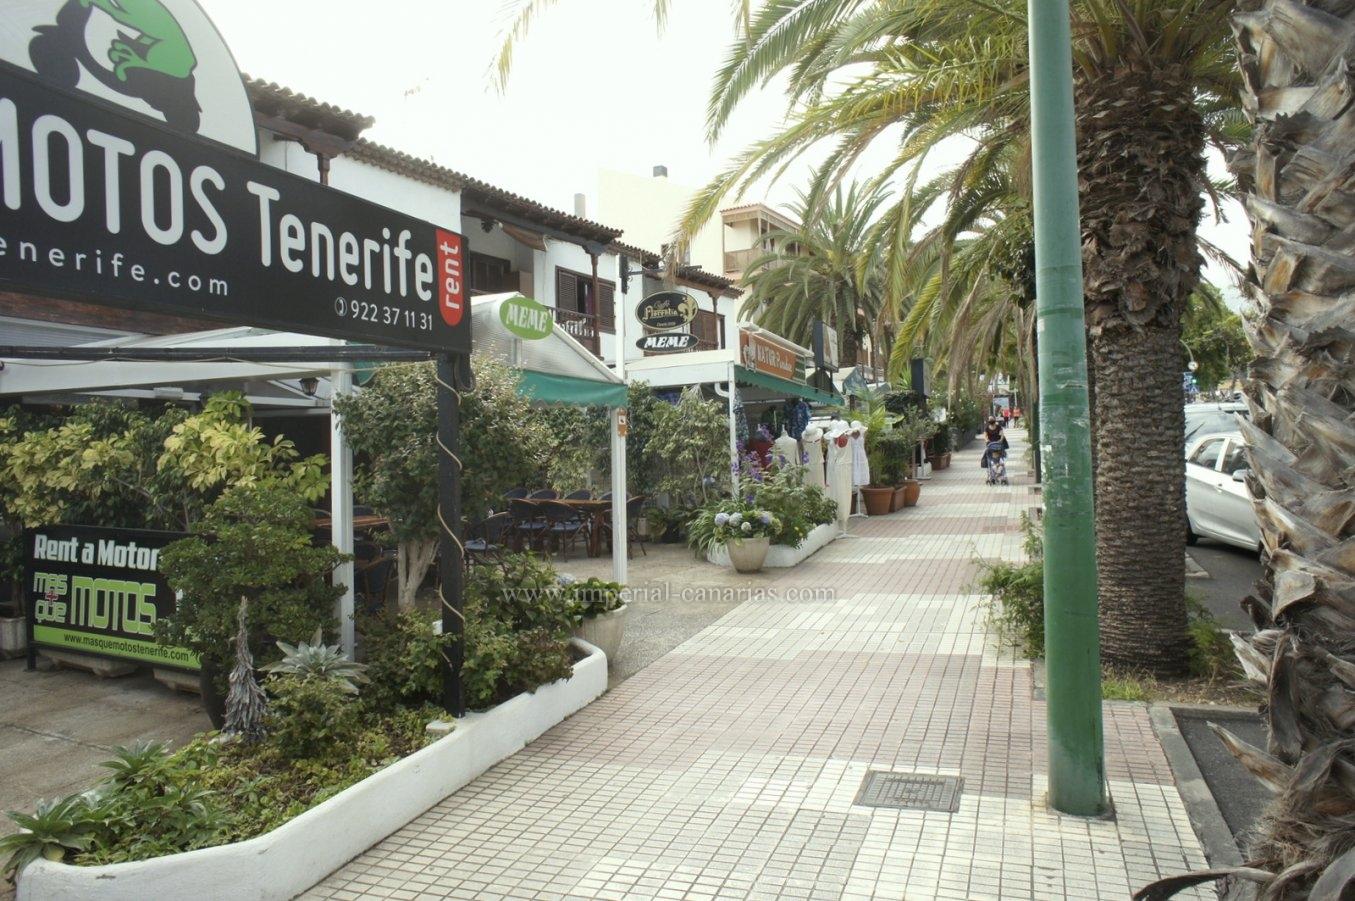 Nettes kleines Restaurant mit Terrasse in La Paz!